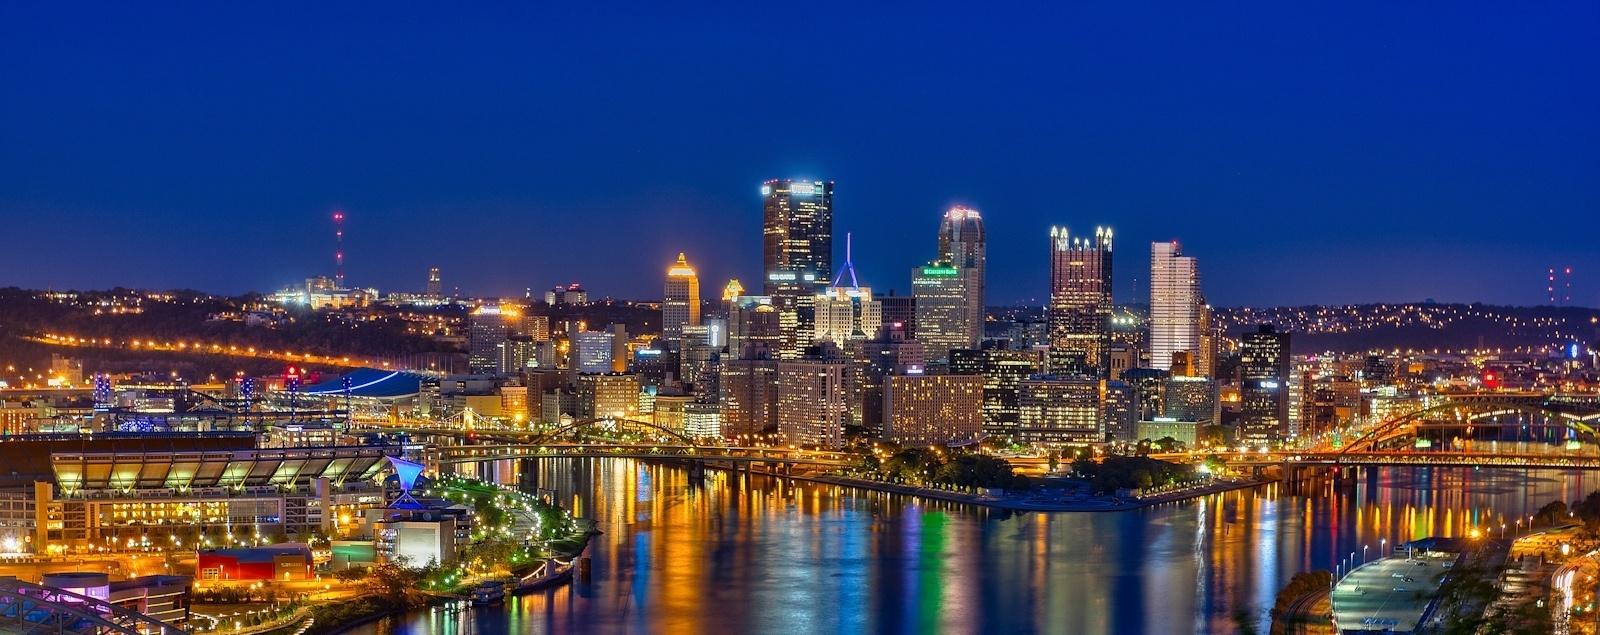 MatthewPaulson-Pittsburgh-night-385581-edited.jpg